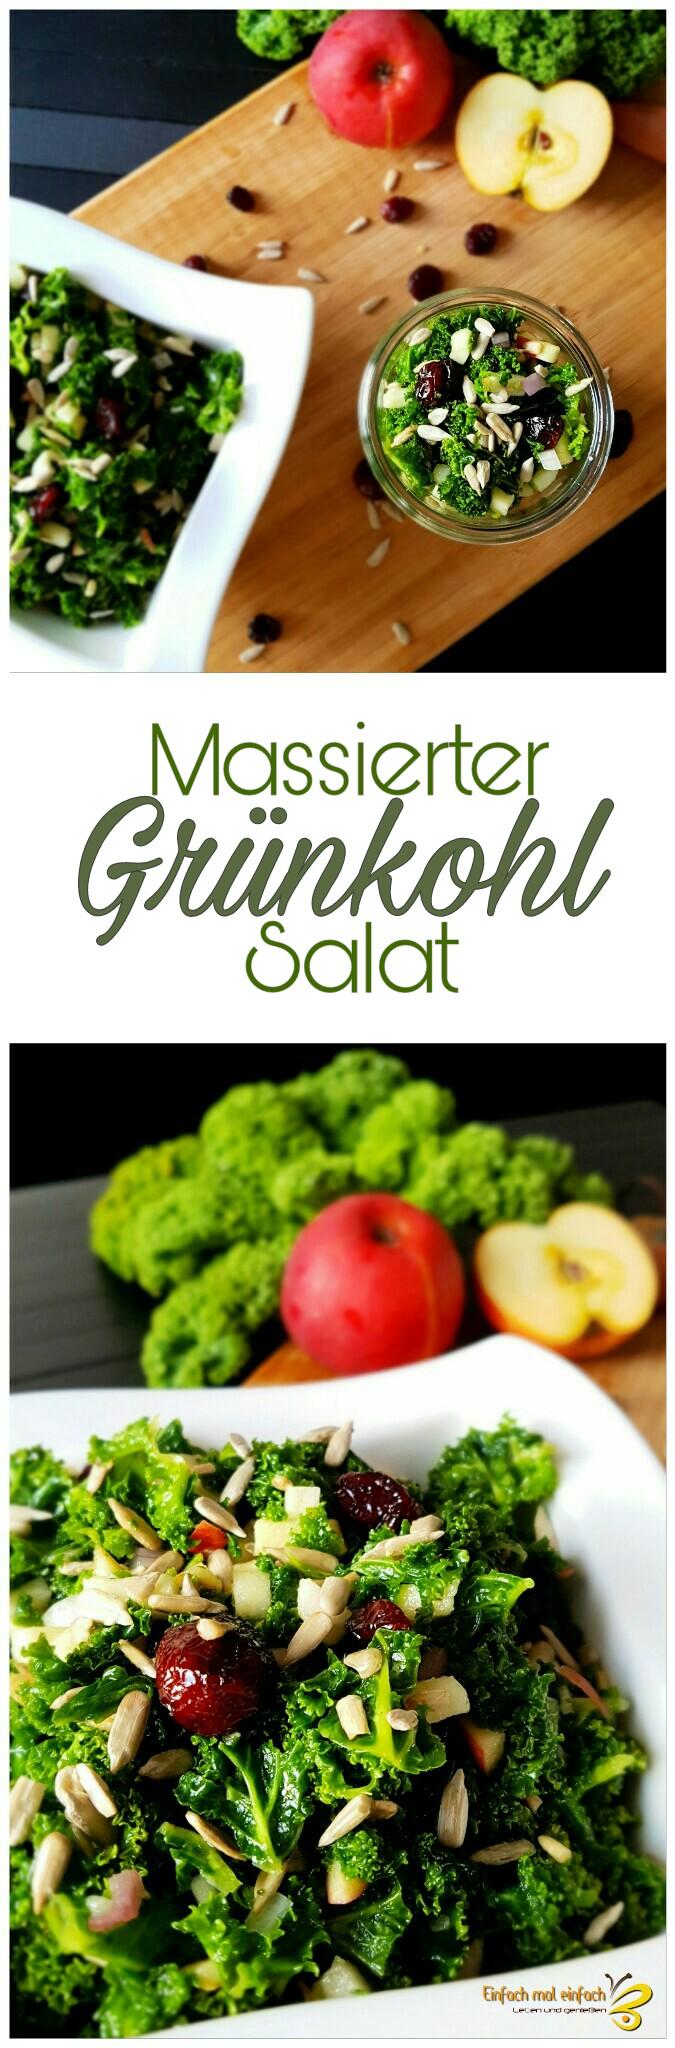 Massierter Grünkohl-Salat